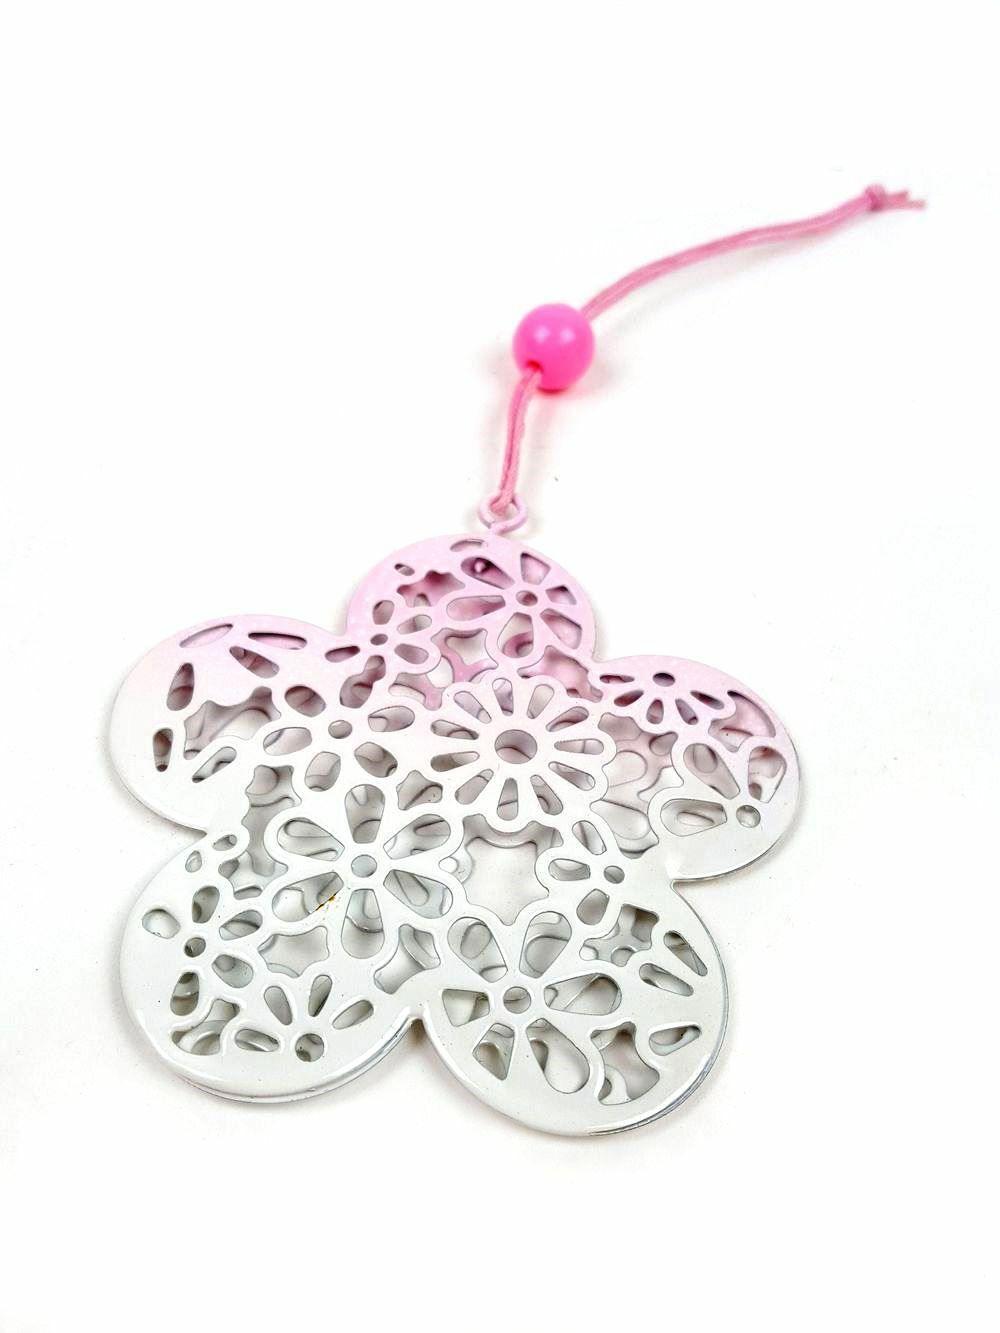 Csipkézett fém forma - Virág